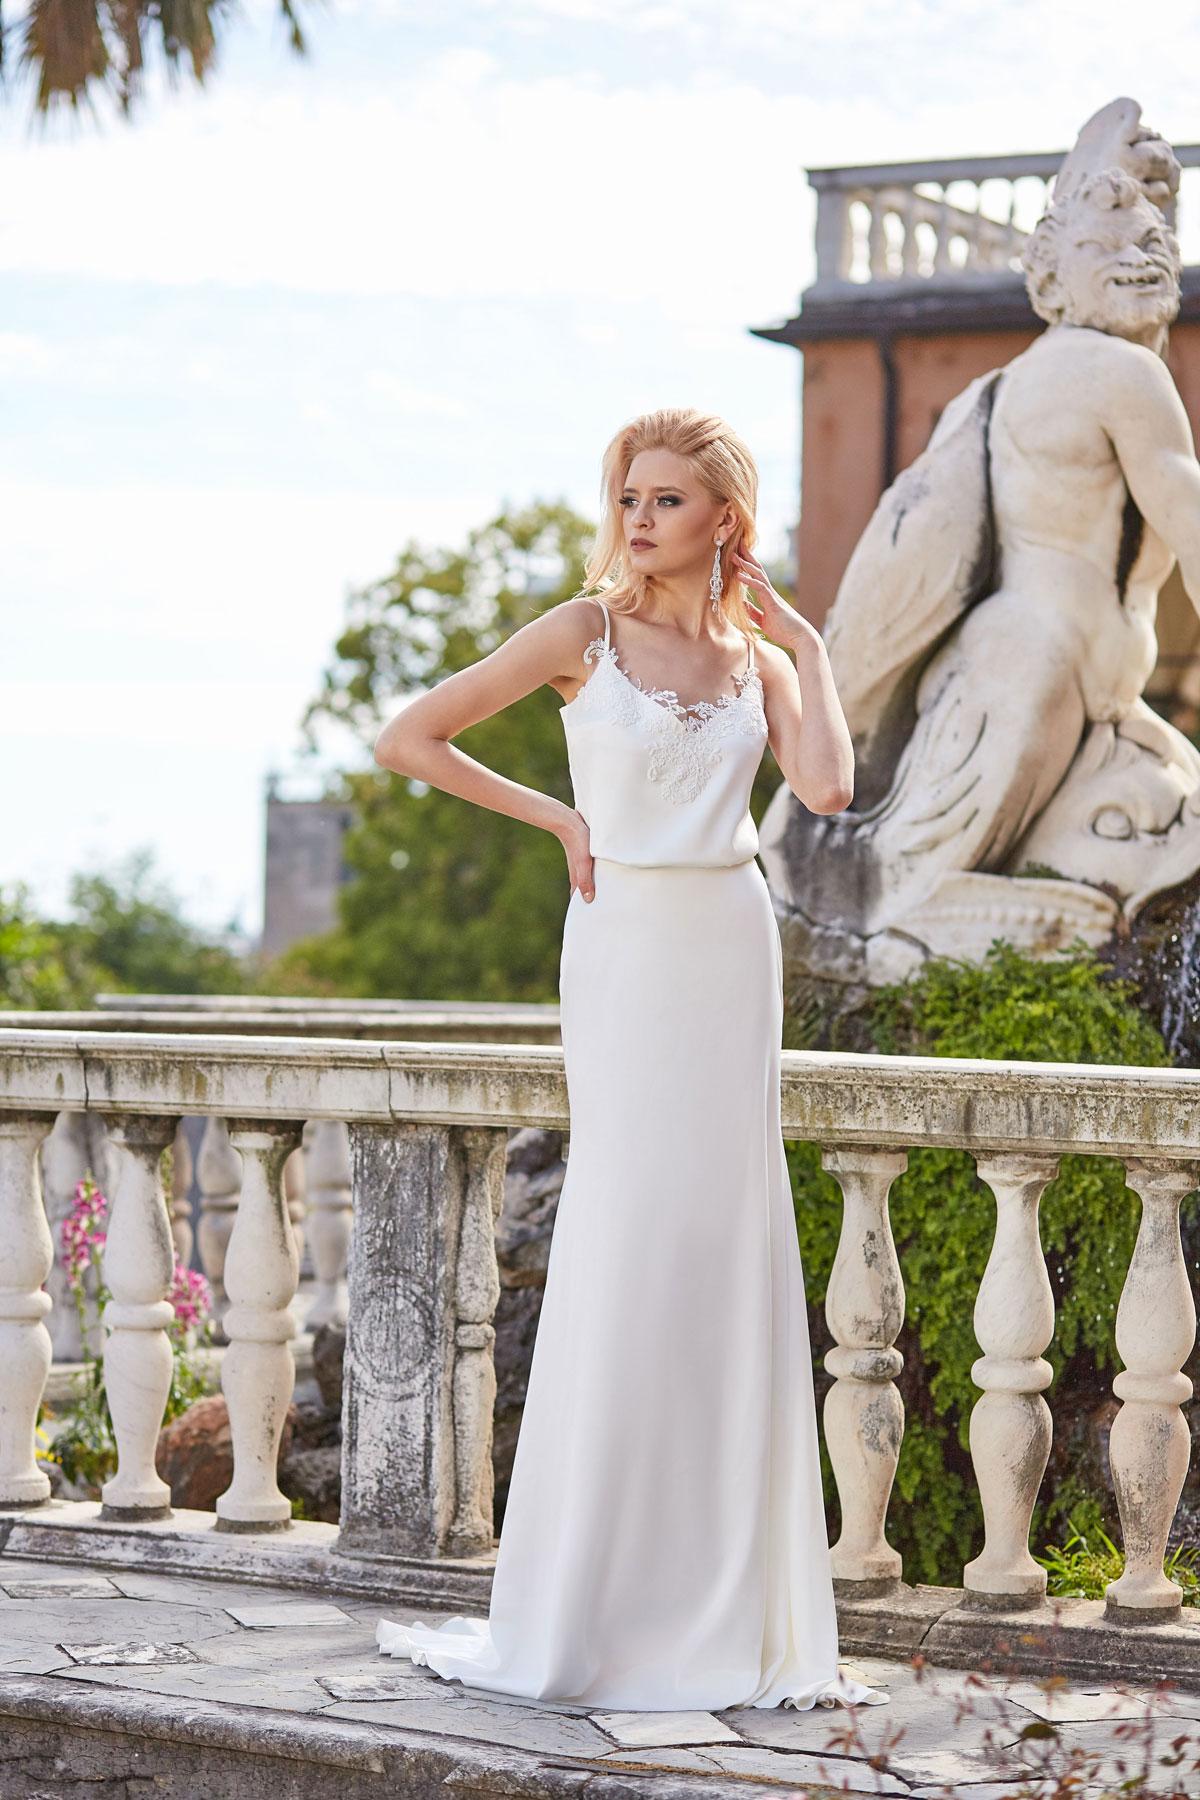 bea8b1978b2 Такая форма юбки достигается при помощи специальной конструкции из обручей.  Наряд «бальное платье» не подойдет девушкам невысокого роста